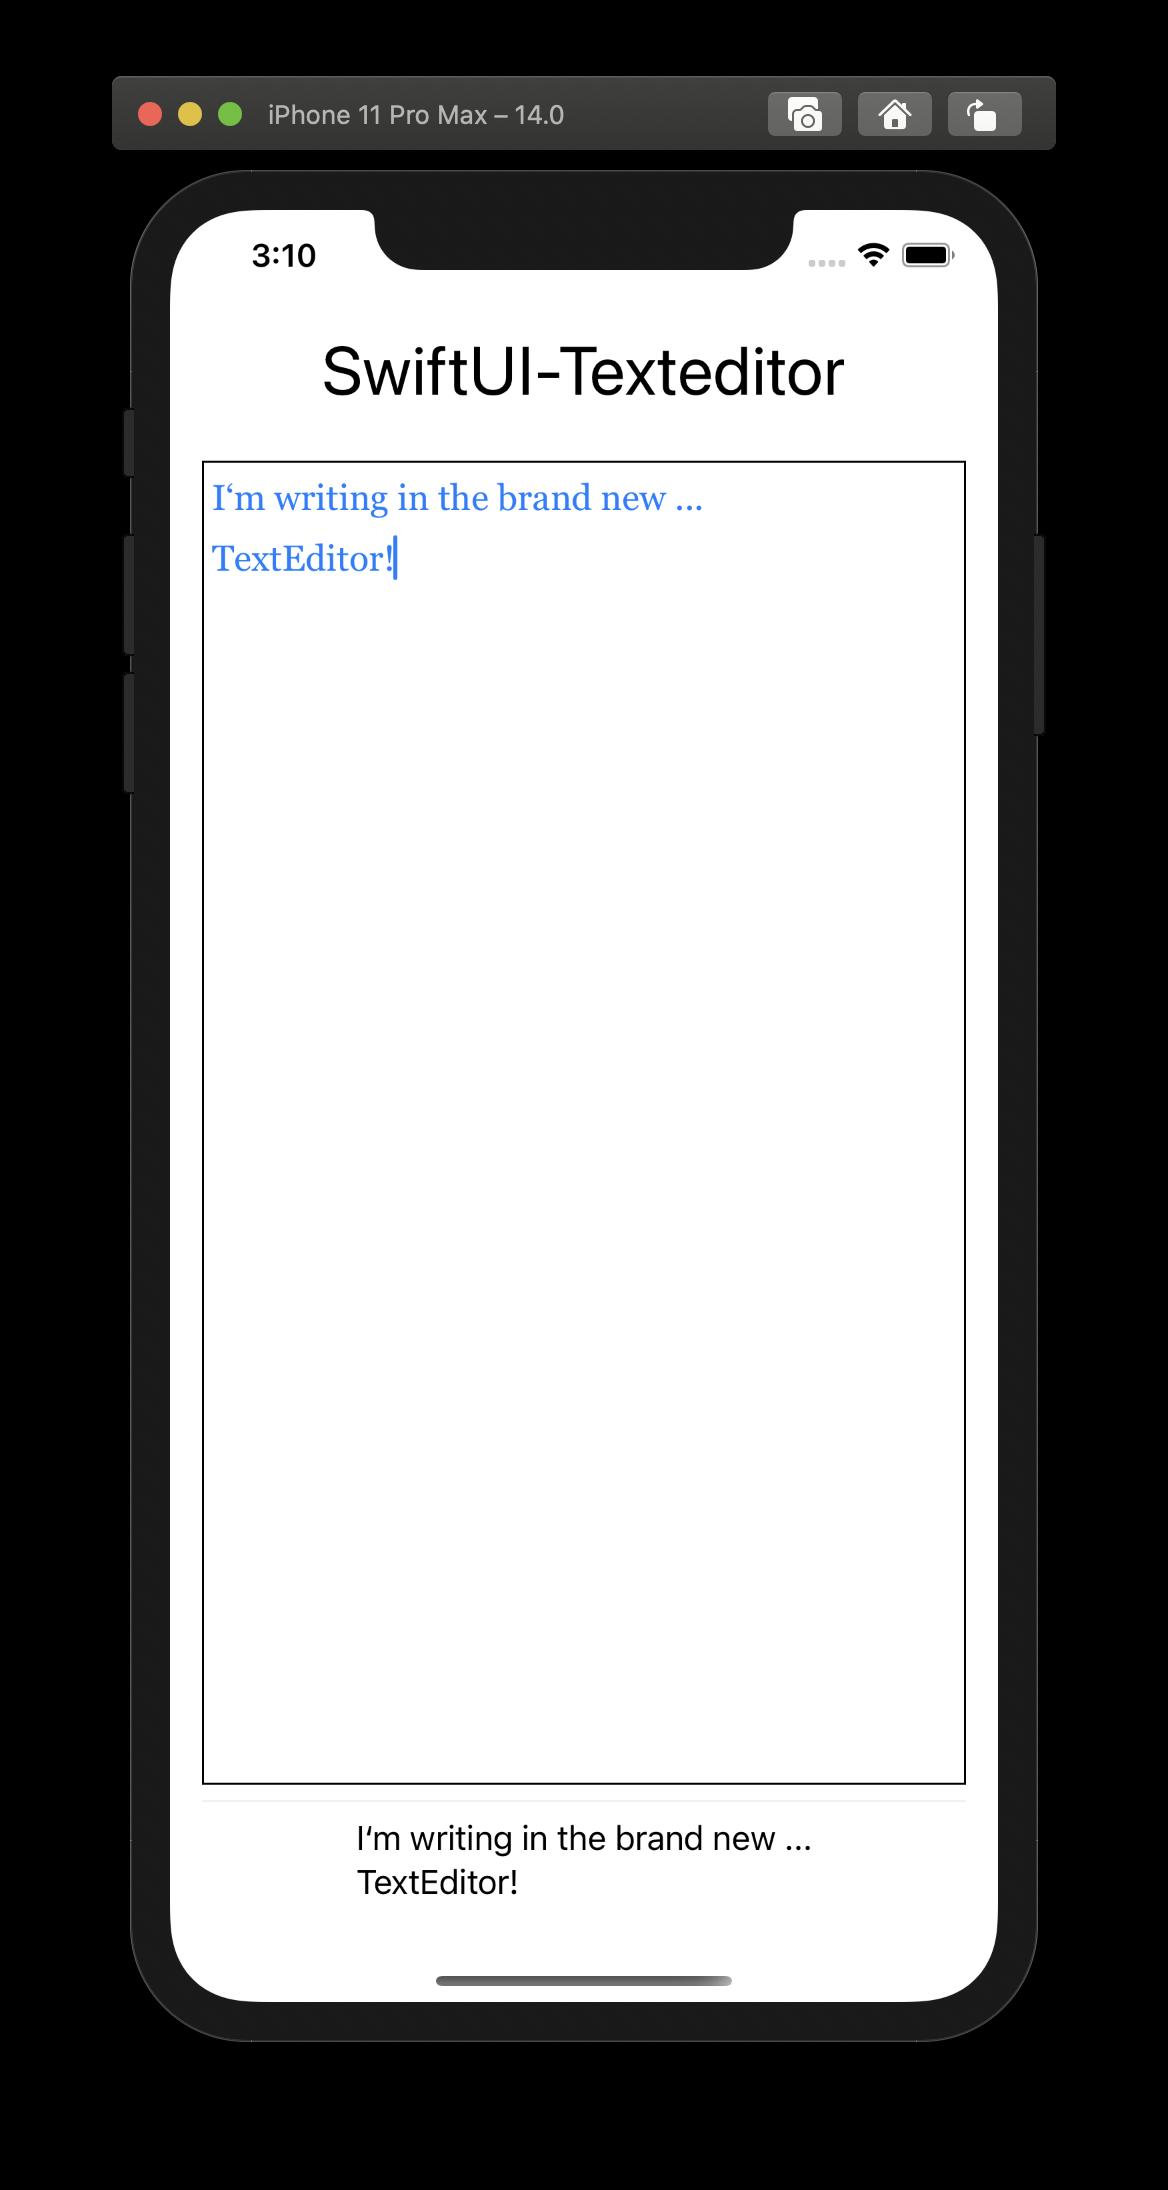 SwiftUI verfügt endlich über eine eigene Text-View namens TextEditor!